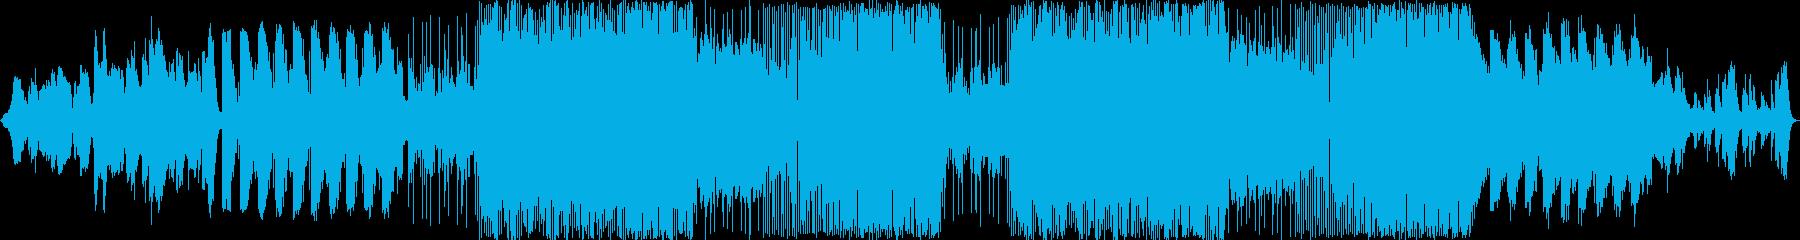 アンビエントなSFXに続いて、不可思議…の再生済みの波形